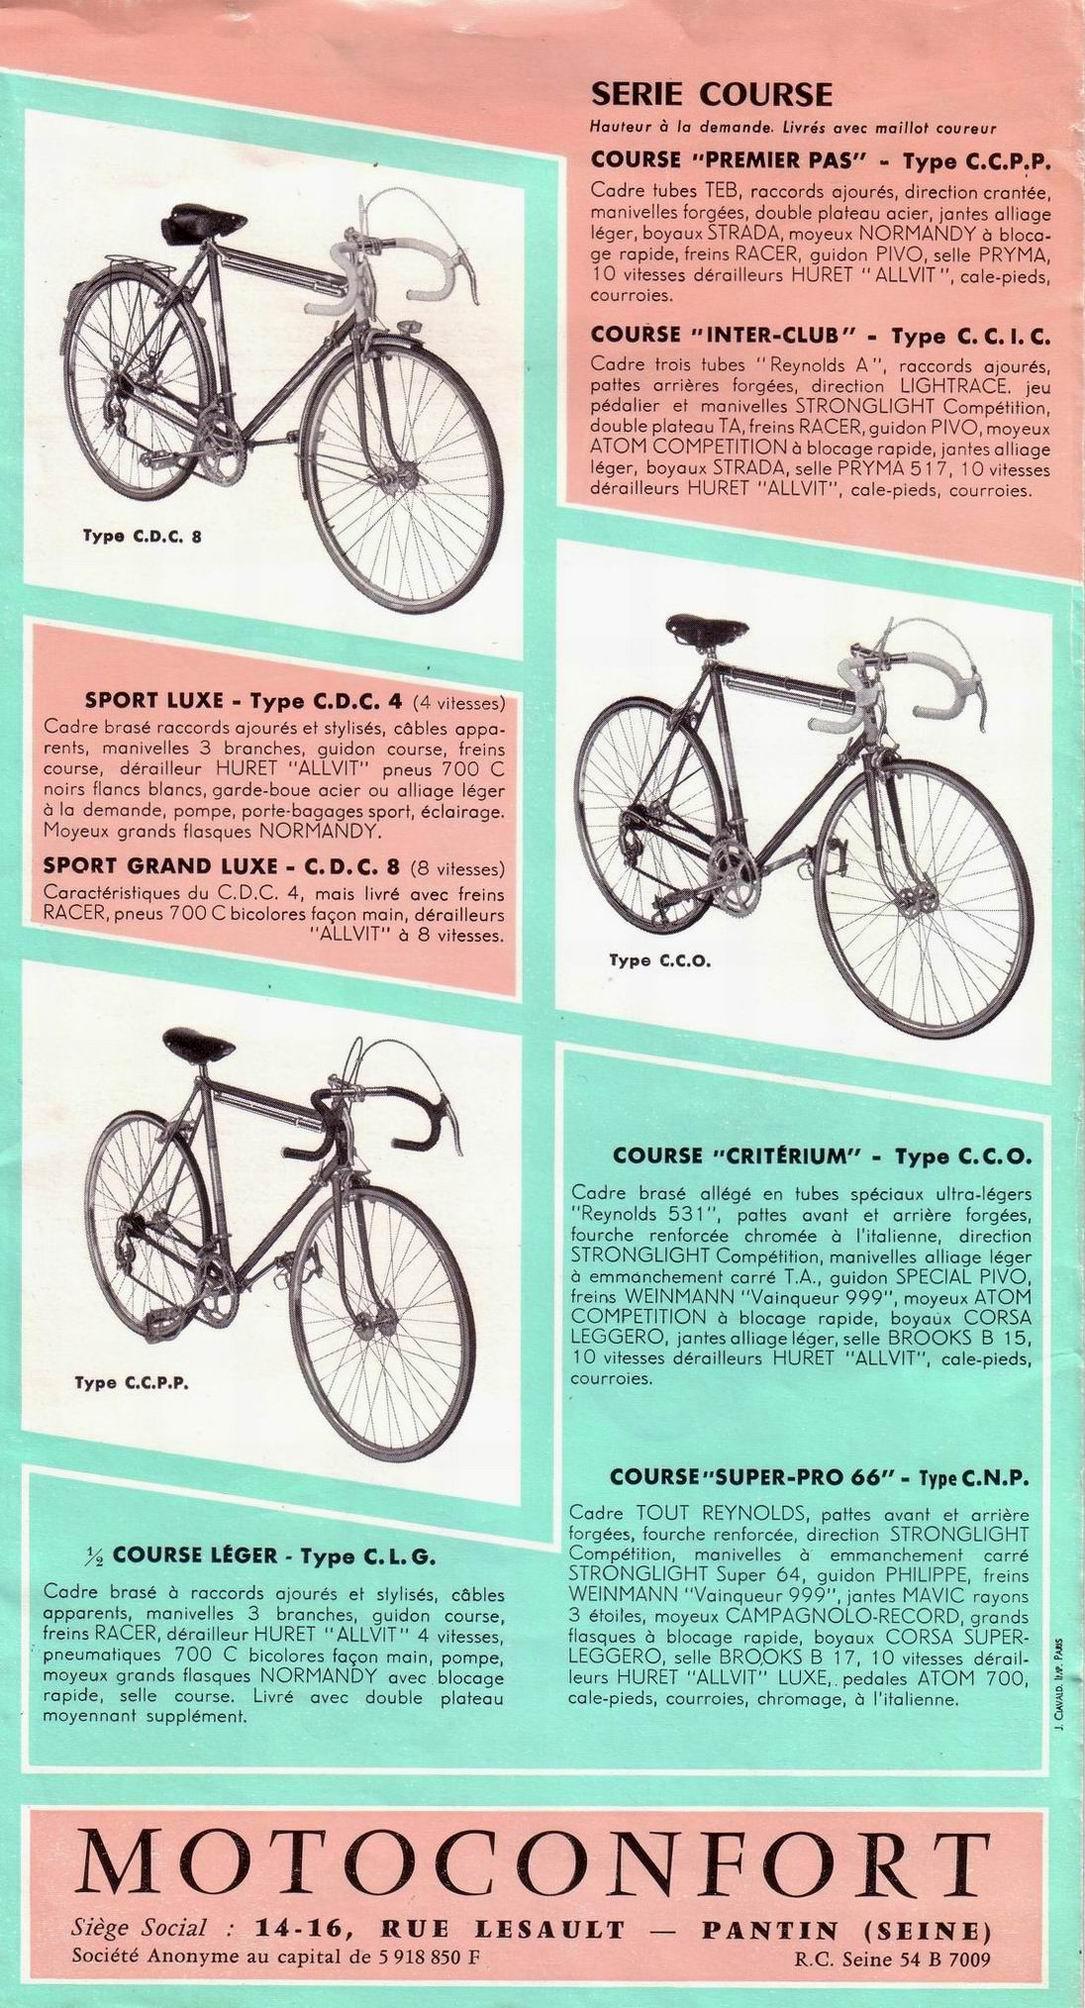 motoconfort 1/2 course C.D.C4 1965-66 File